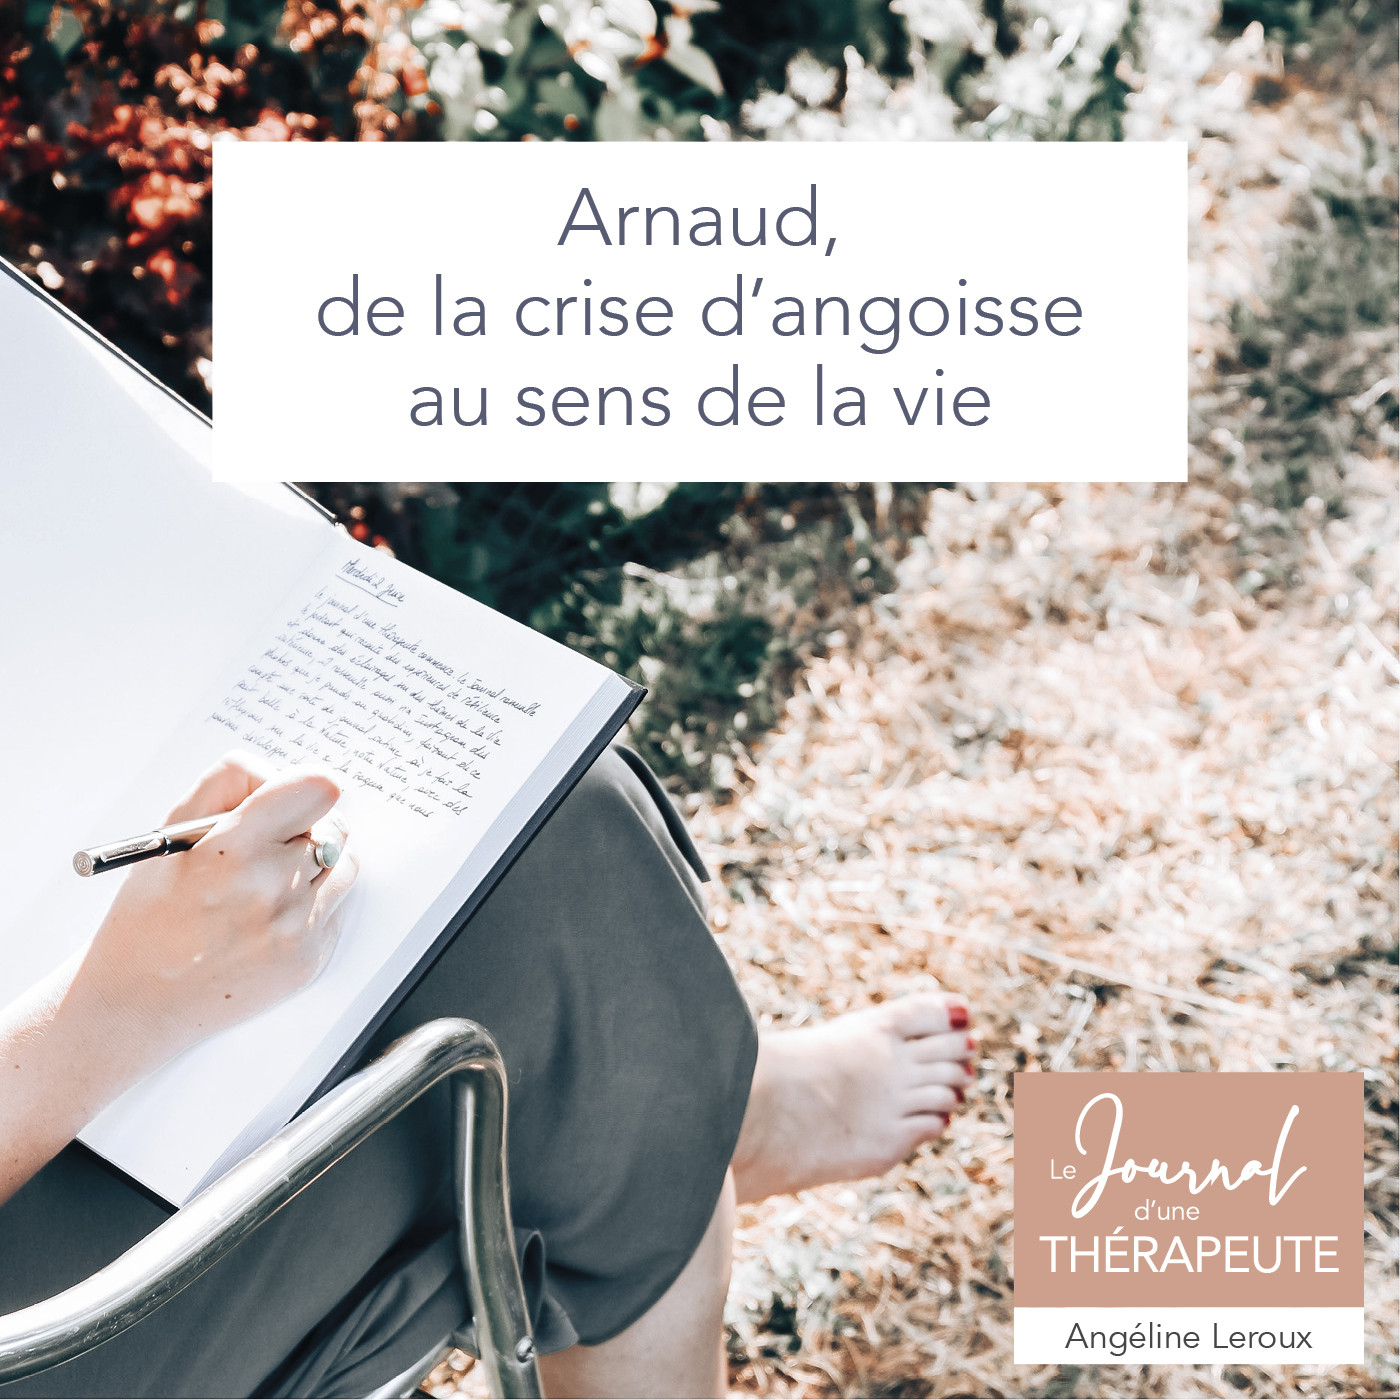 #2 - Arnaud, de la crise d'angoisse… au sens de la vie !